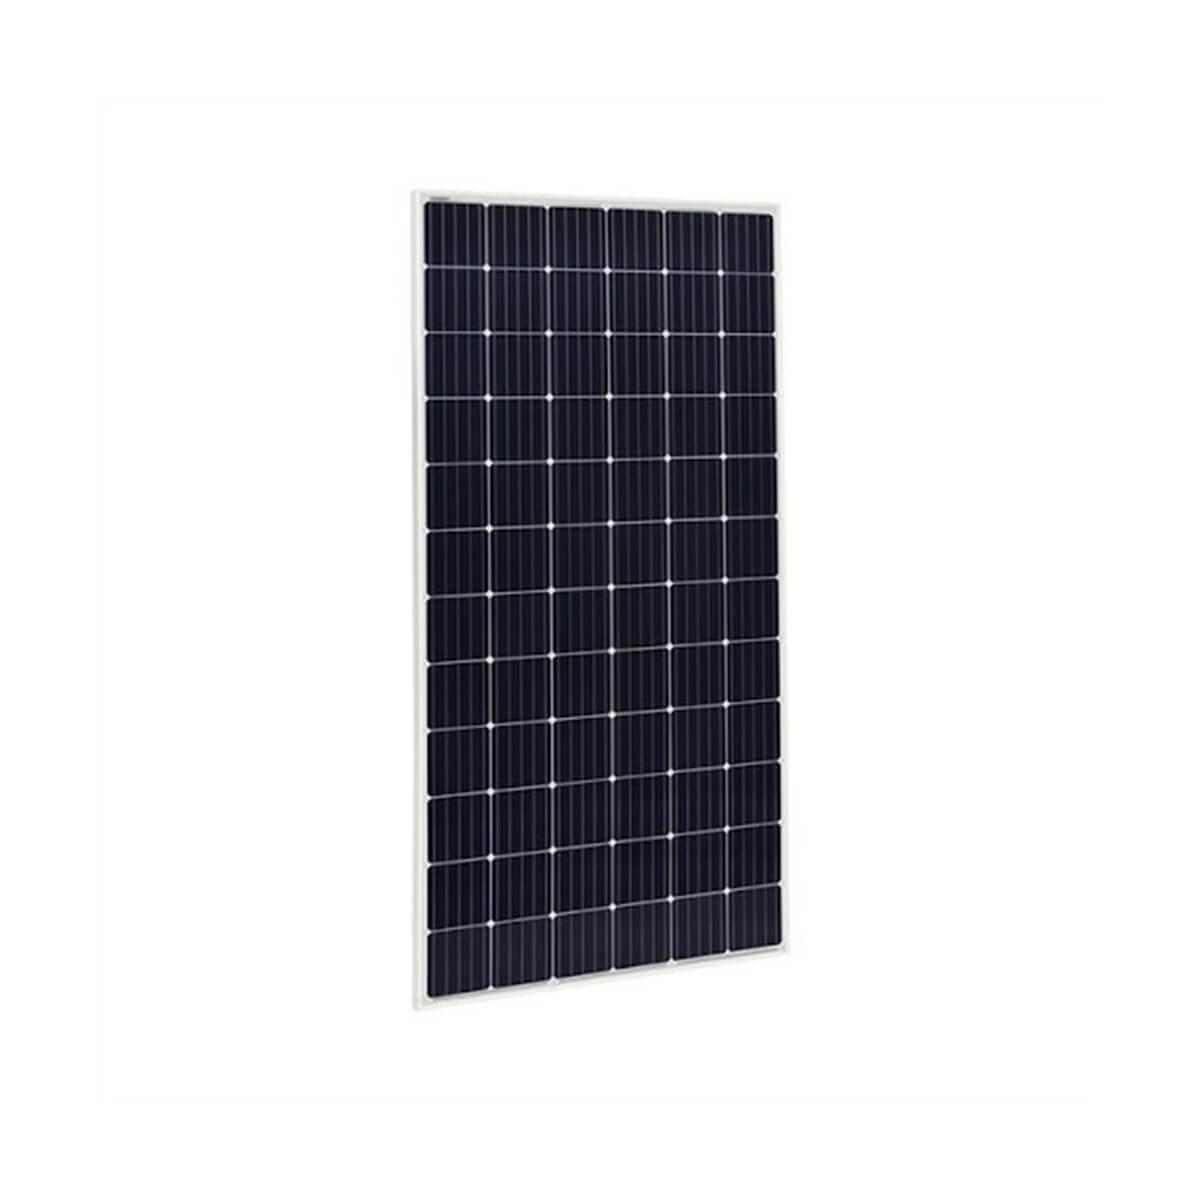 ht solar 385W panel, ht solar 385Watt panel, ht solar 385 W panel, ht solar 385 Watt panel, ht solar 385 Watt monokristal panel, ht solar 385 W watt gunes paneli, ht solar 385 W watt monokristal gunes paneli, ht solar 385 W Watt fotovoltaik monokristal solar panel, ht solar 385W monokristal gunes enerjisi, ht solar HT72-156M-385W panel, HT SOLAR 385 WATT